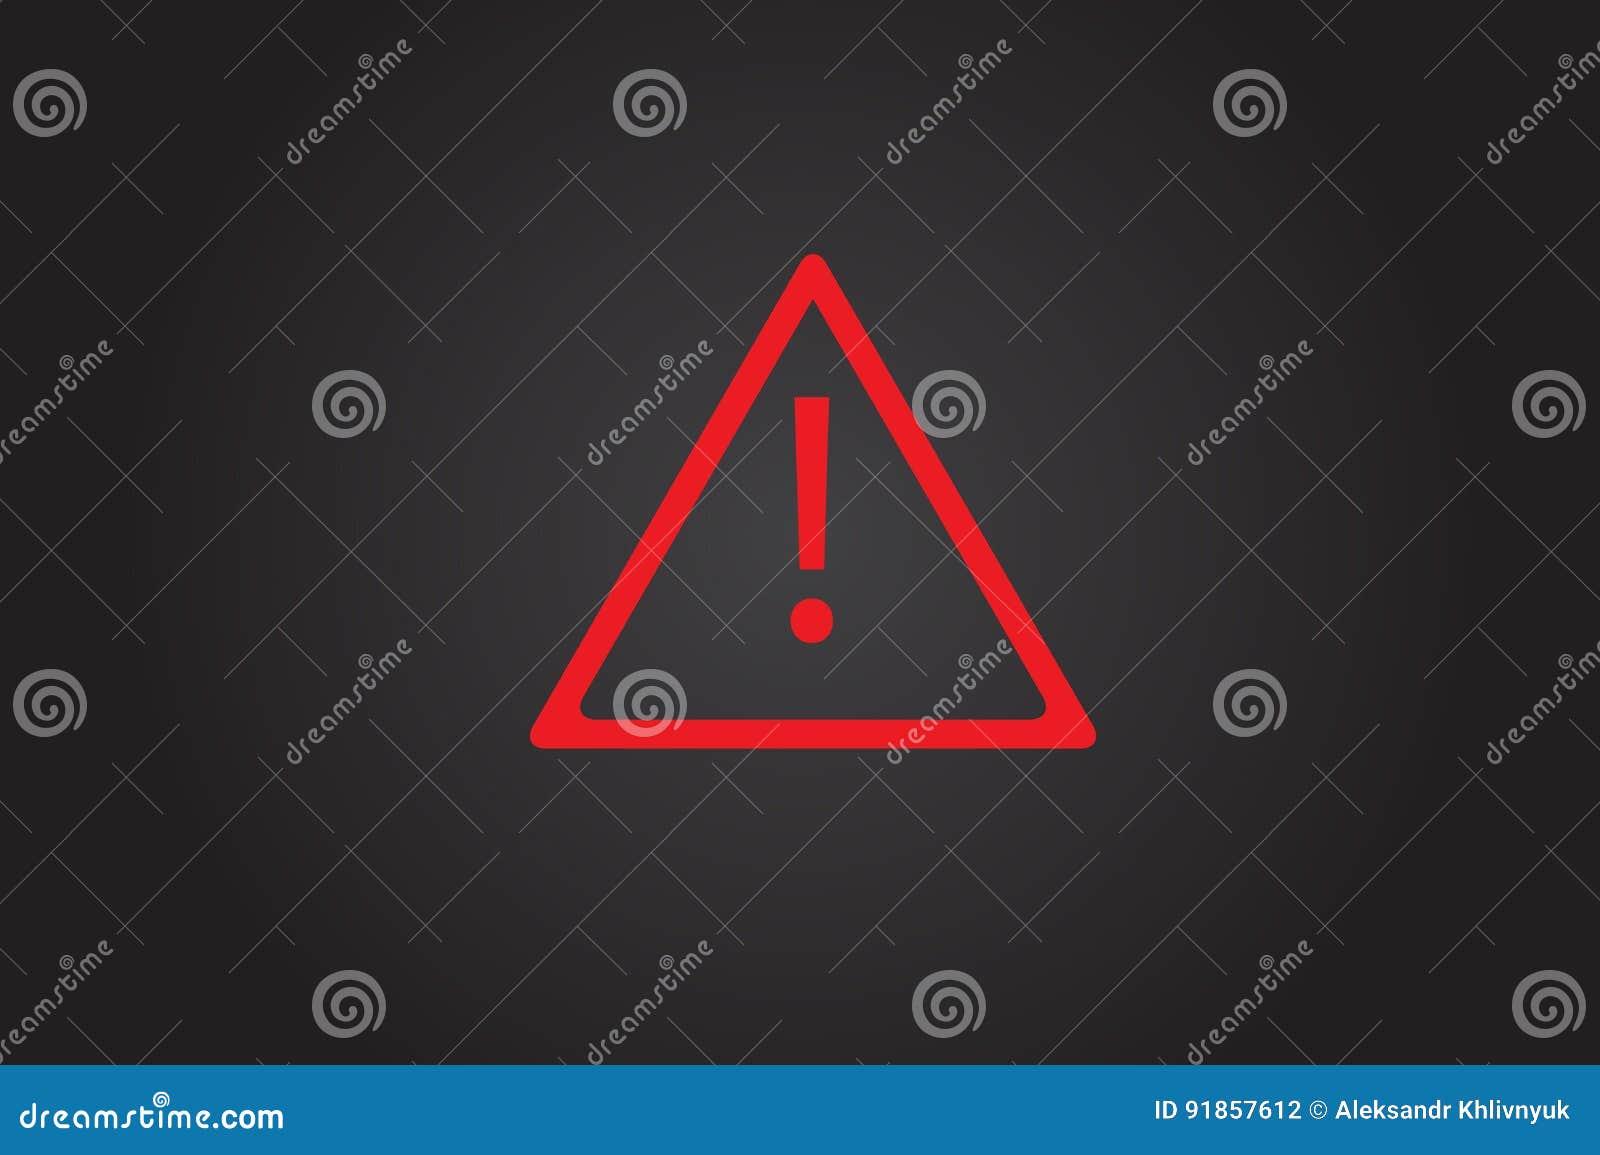 Signe De Tableau De Bord De Triangle De Voiture Illustration Stock - Illustration du bouton ...